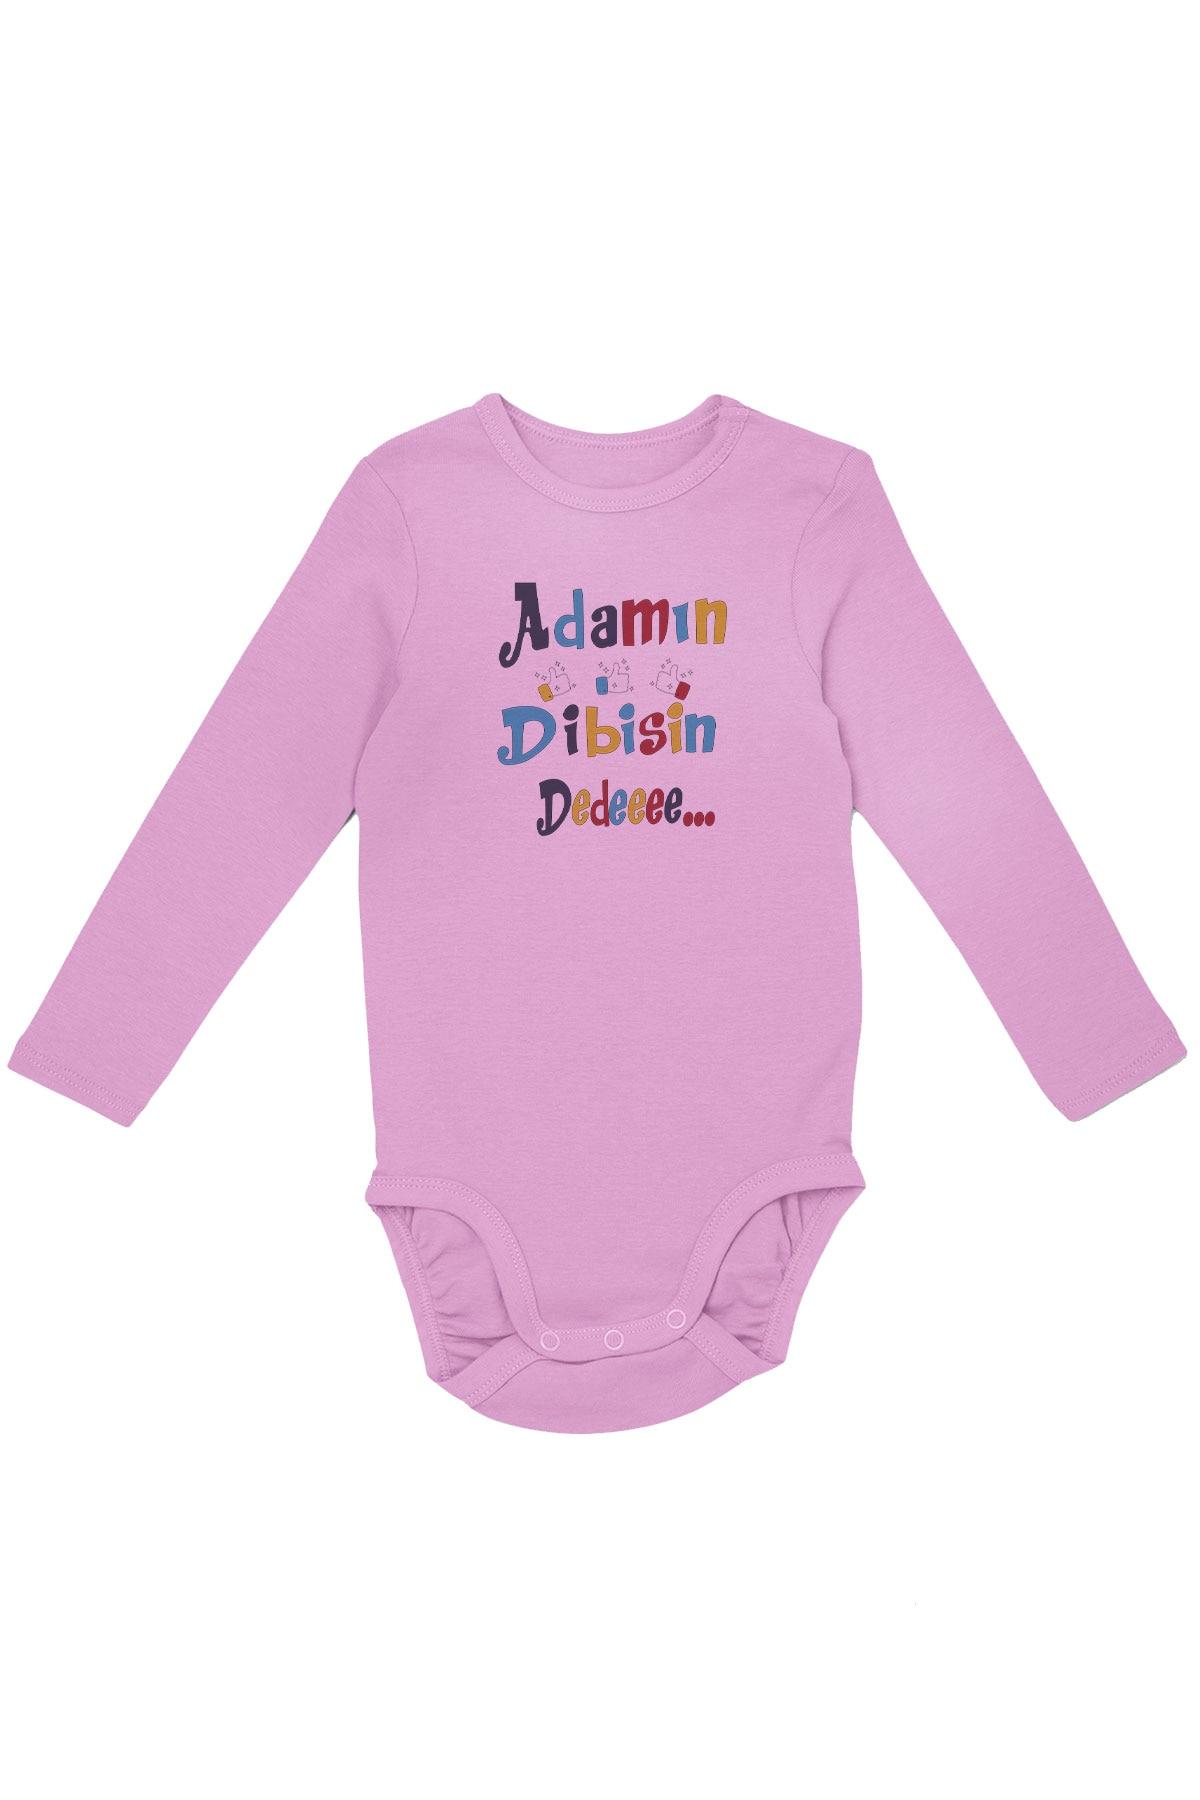 Angemiel bebé Adamın Dibisin dededeee niña bebé de manga larga Zibin rosa